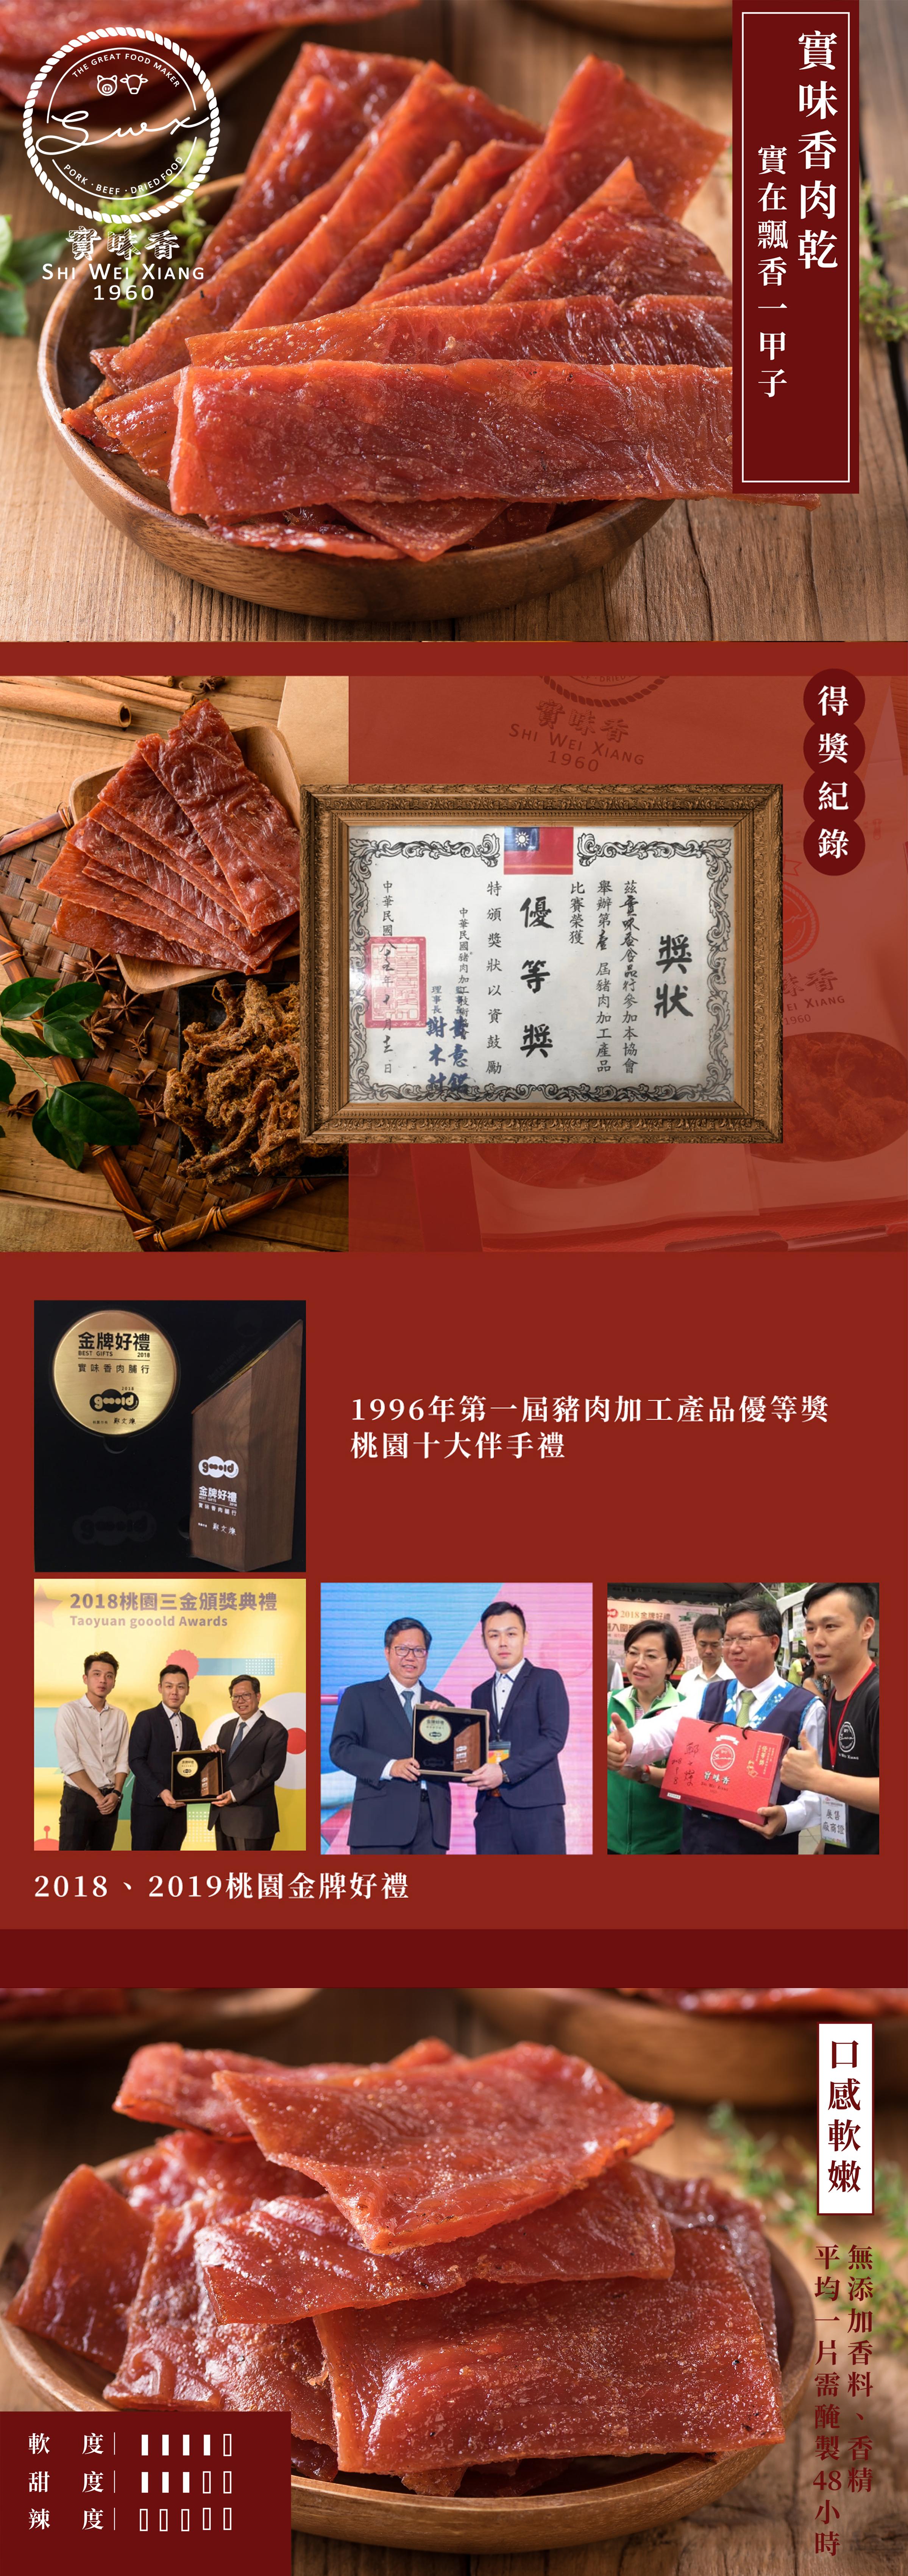 肉乾介紹頁面